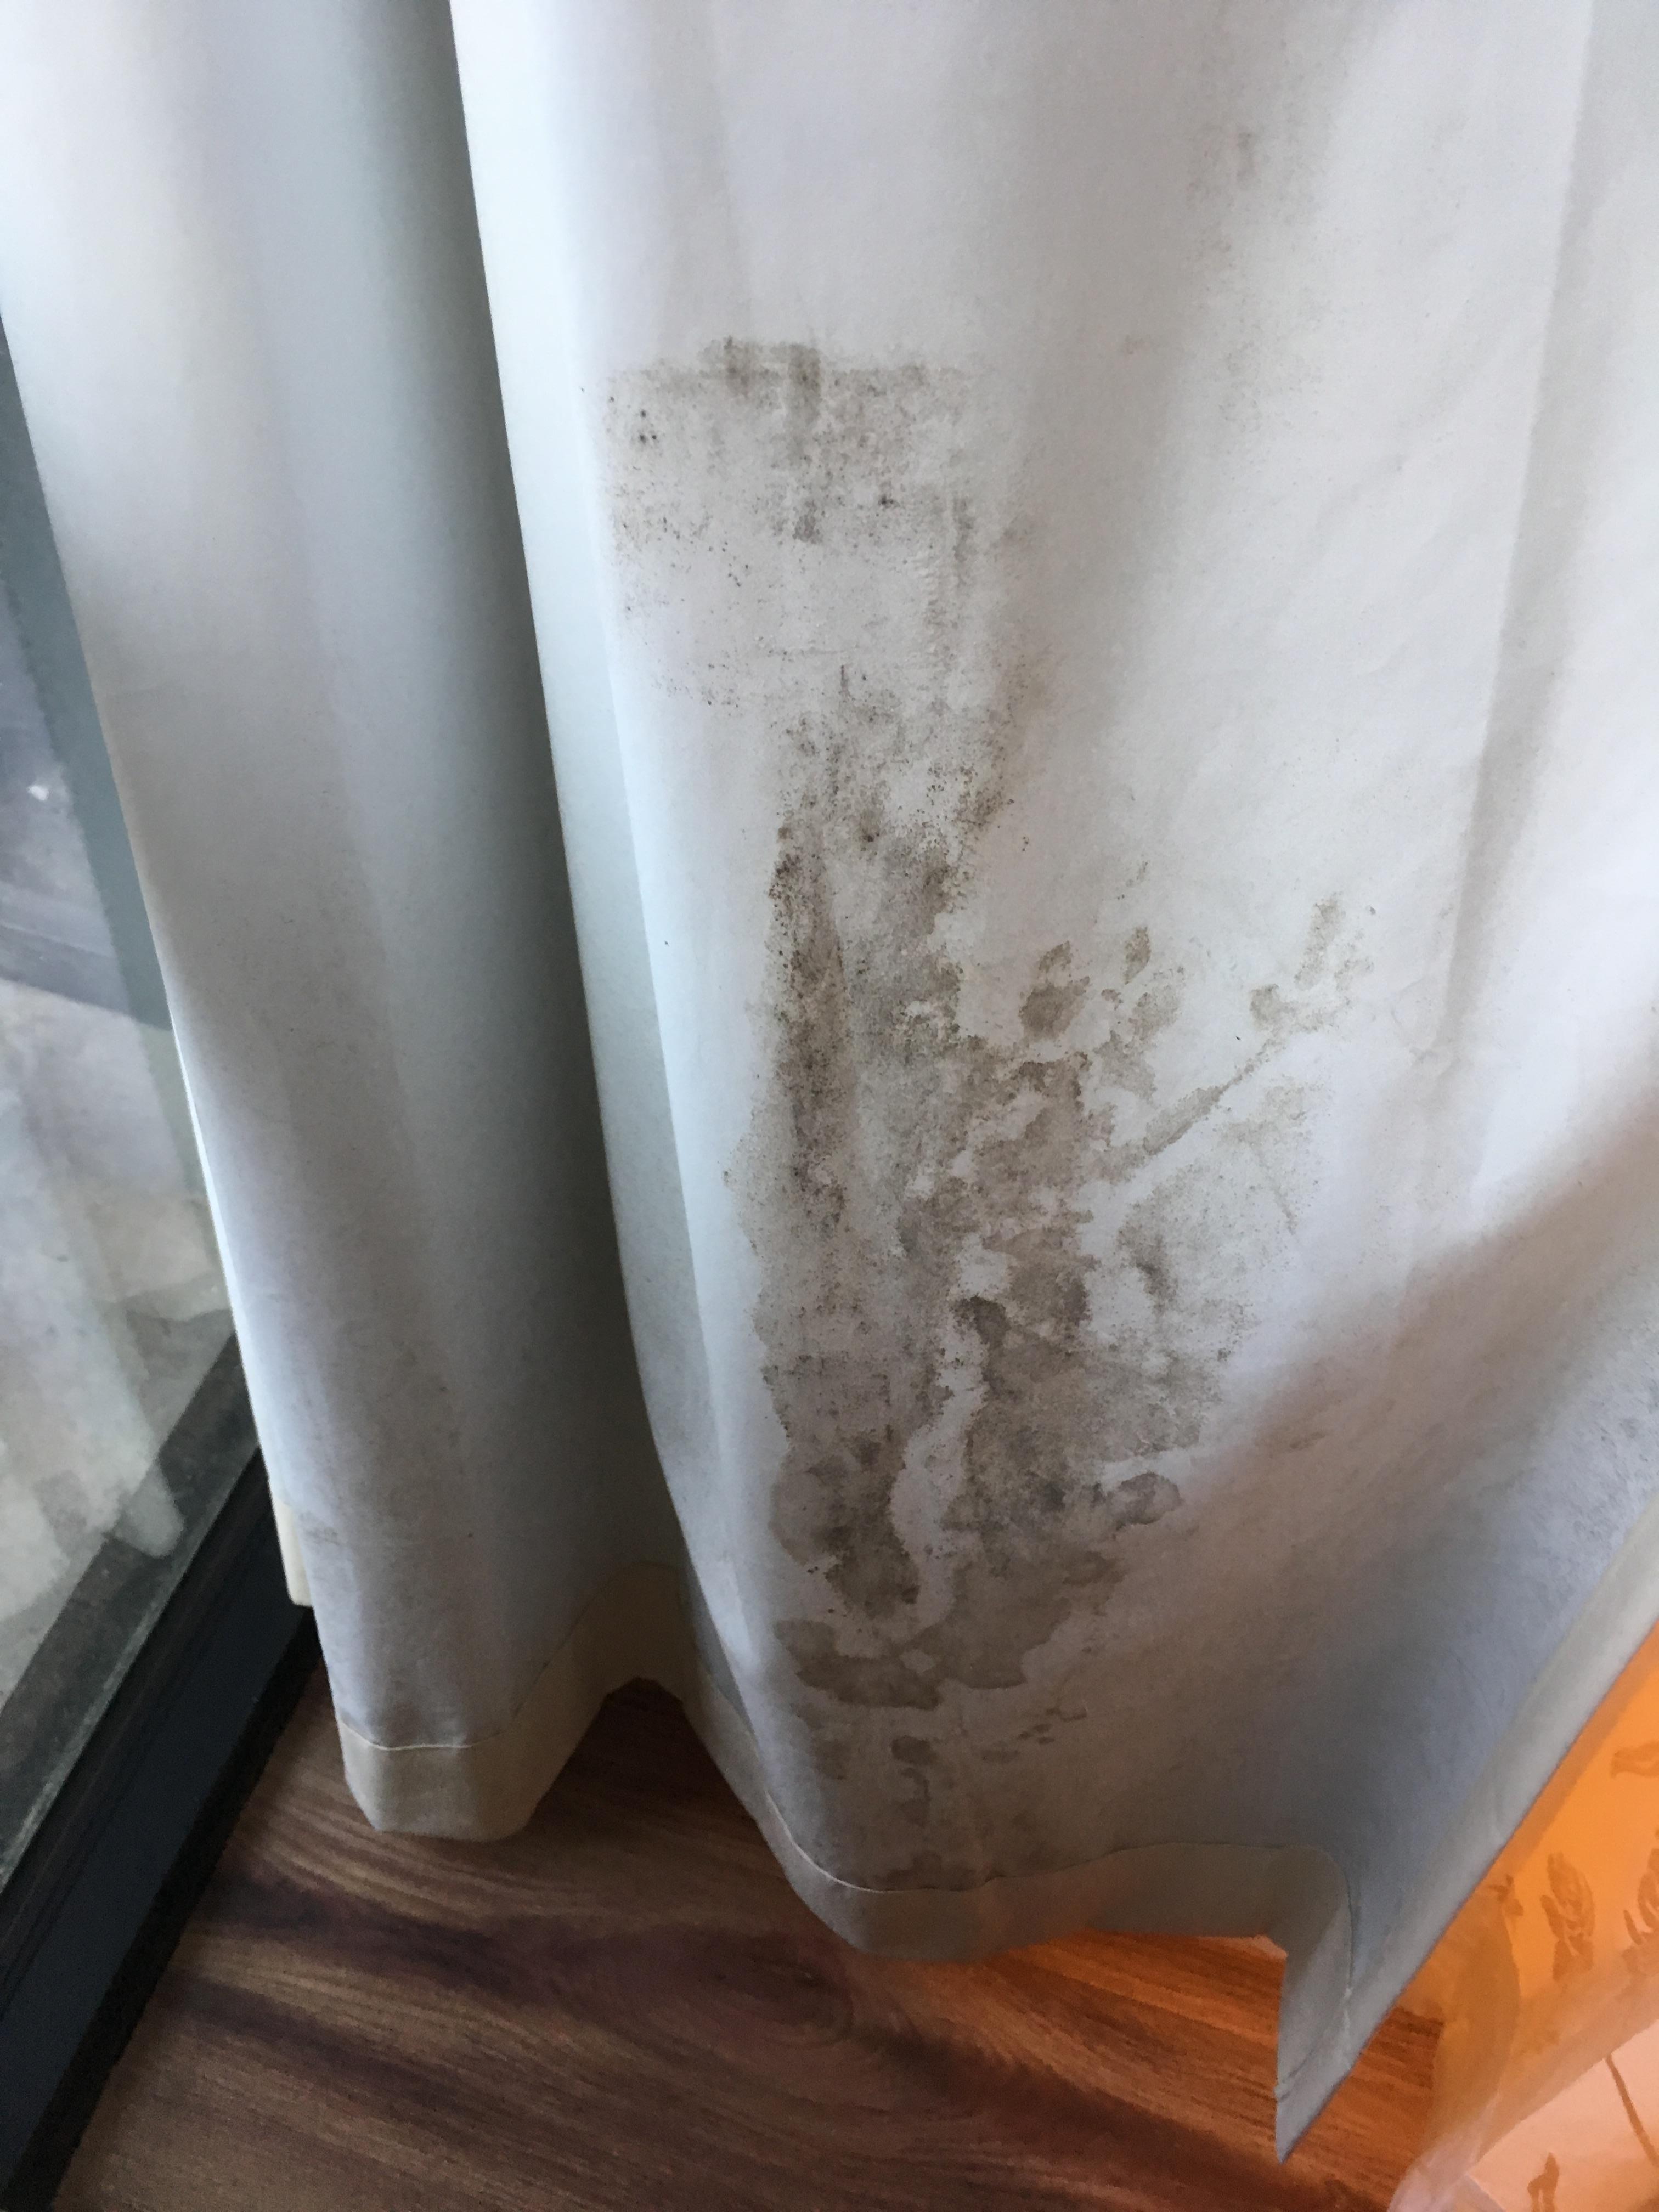 moldy window curtain